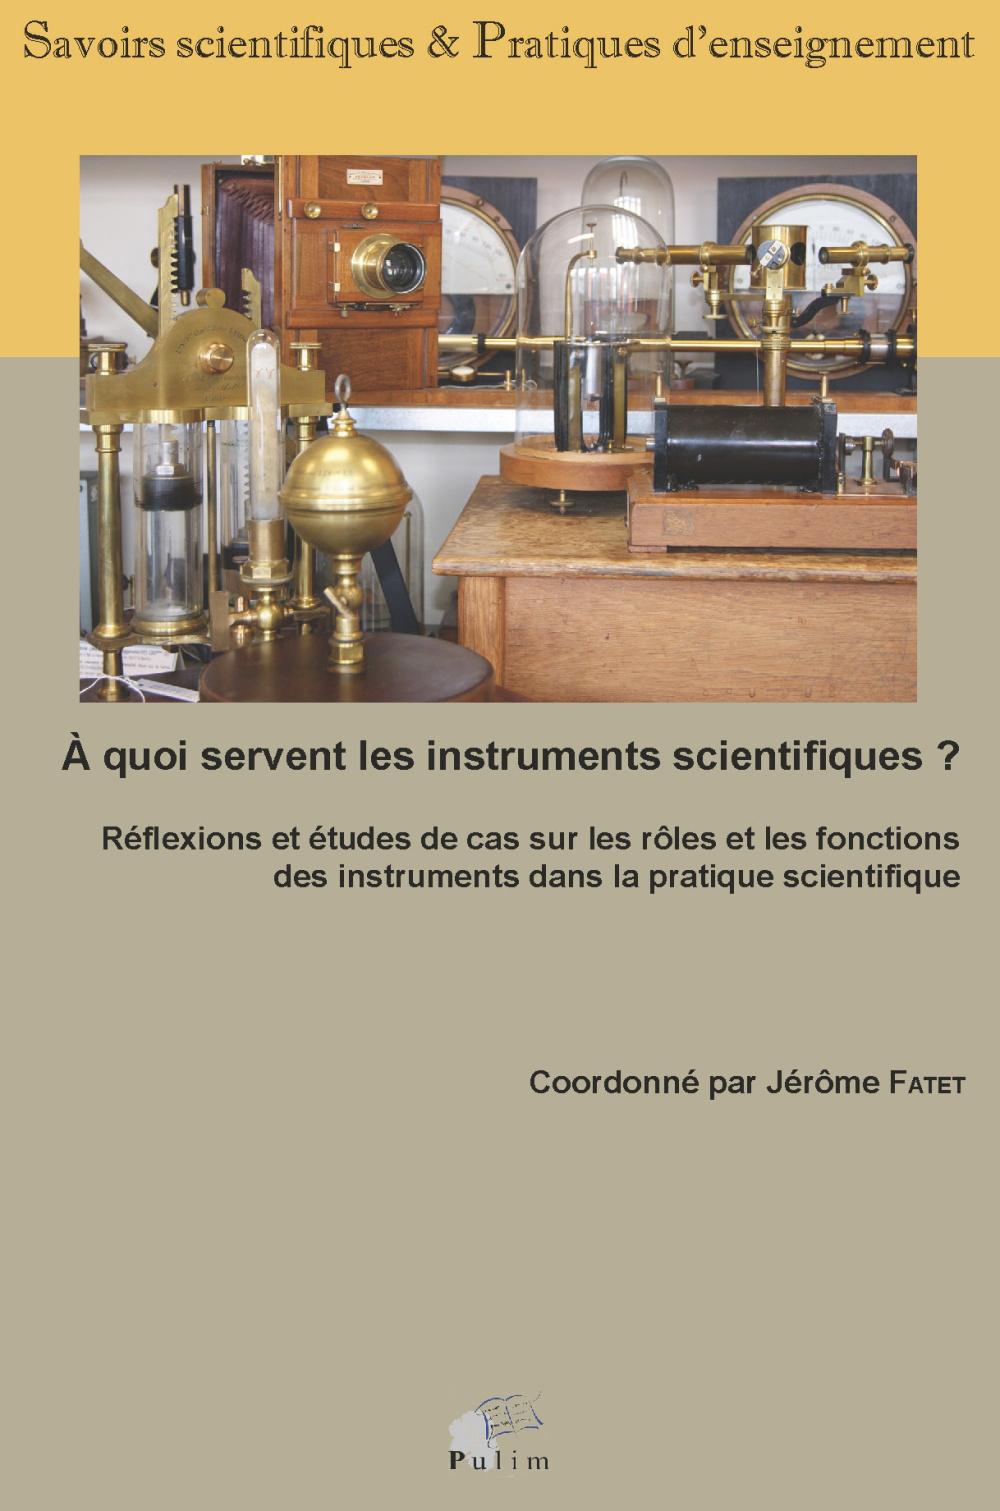 A QUOI SERVENT LES INSTRUMENTS SCIENTIFIQUES ?. REFLEXIONS ET ETUDES